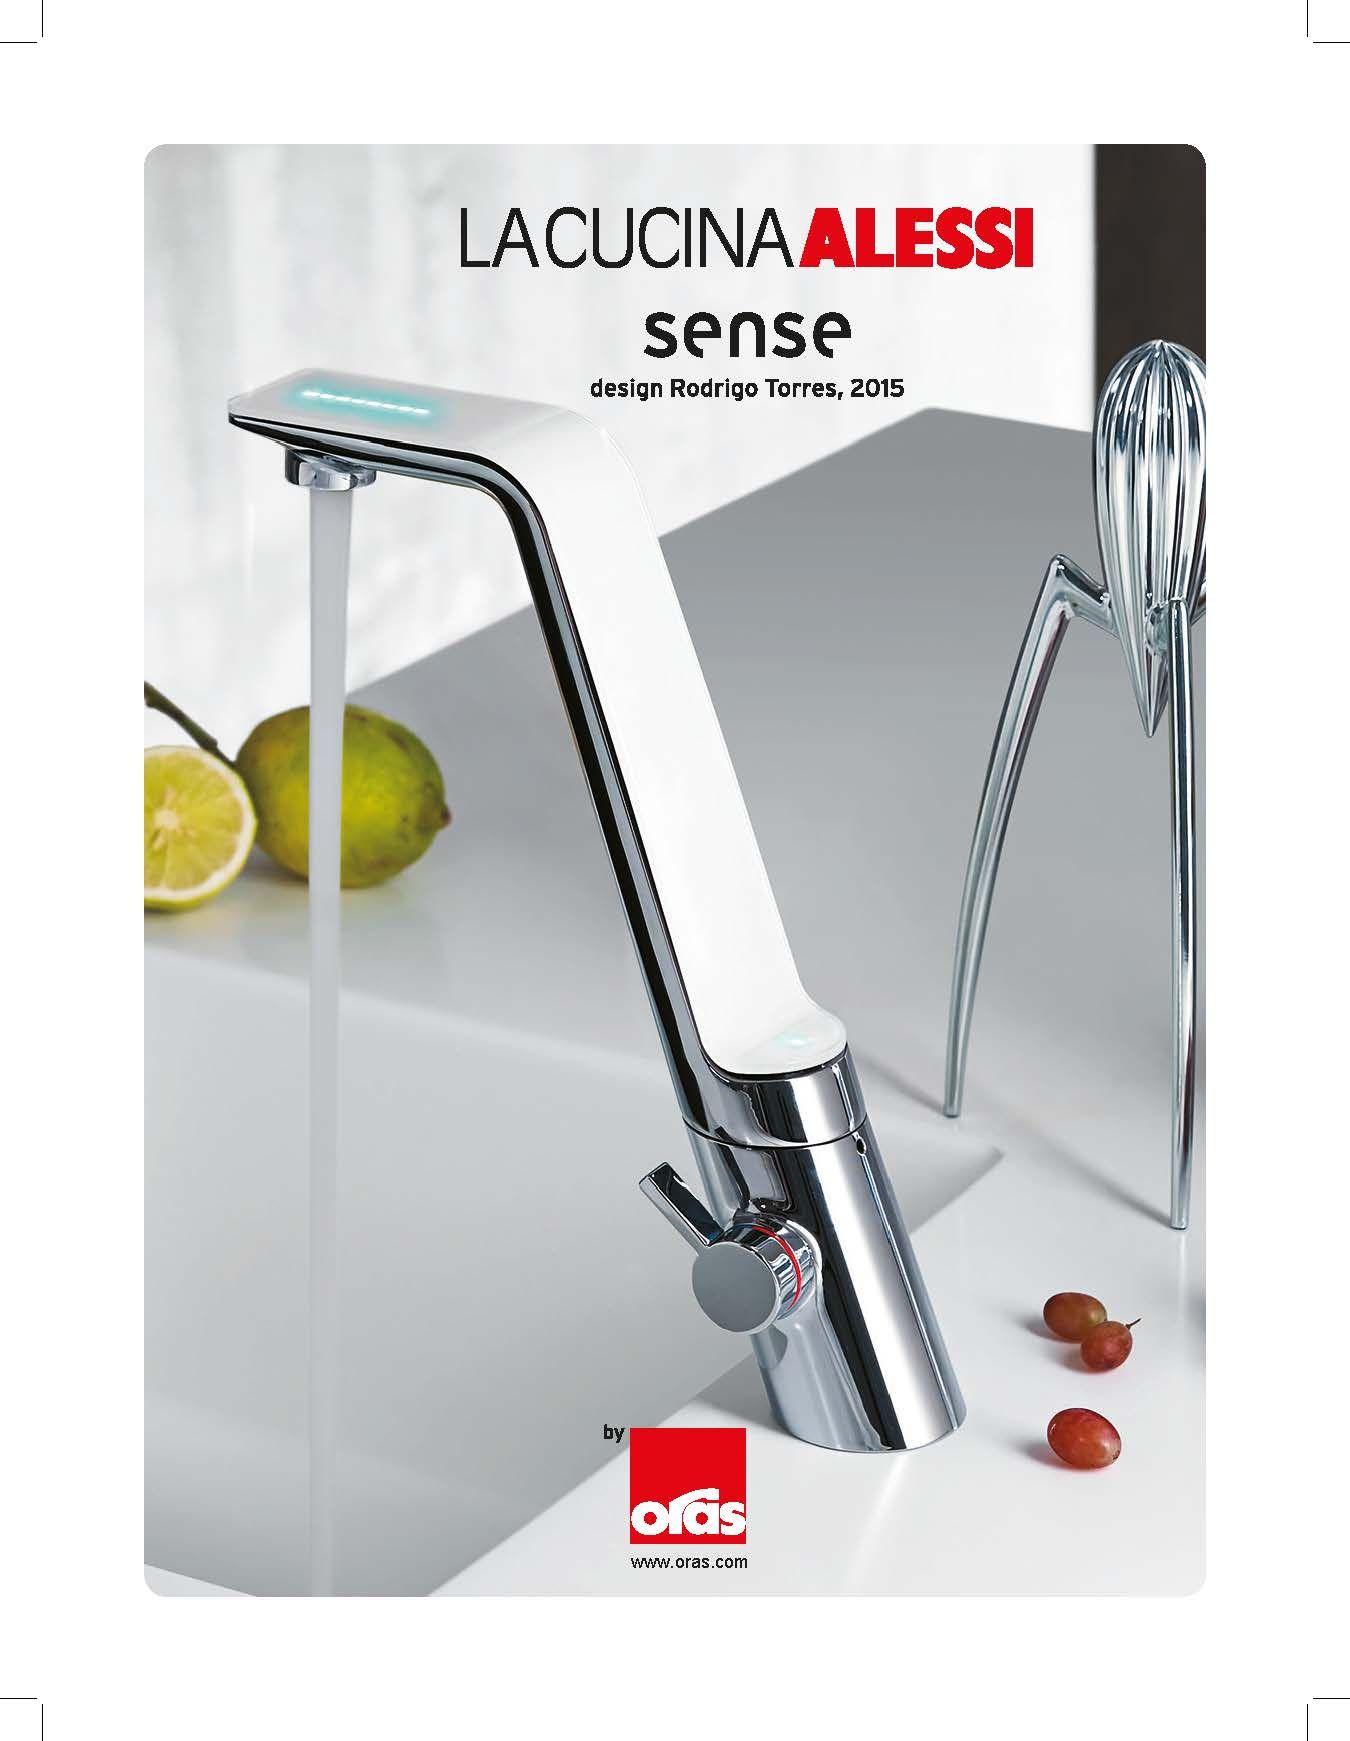 La Cucina Alessi Sense by Oras | Oras | Pinterest | Cucina